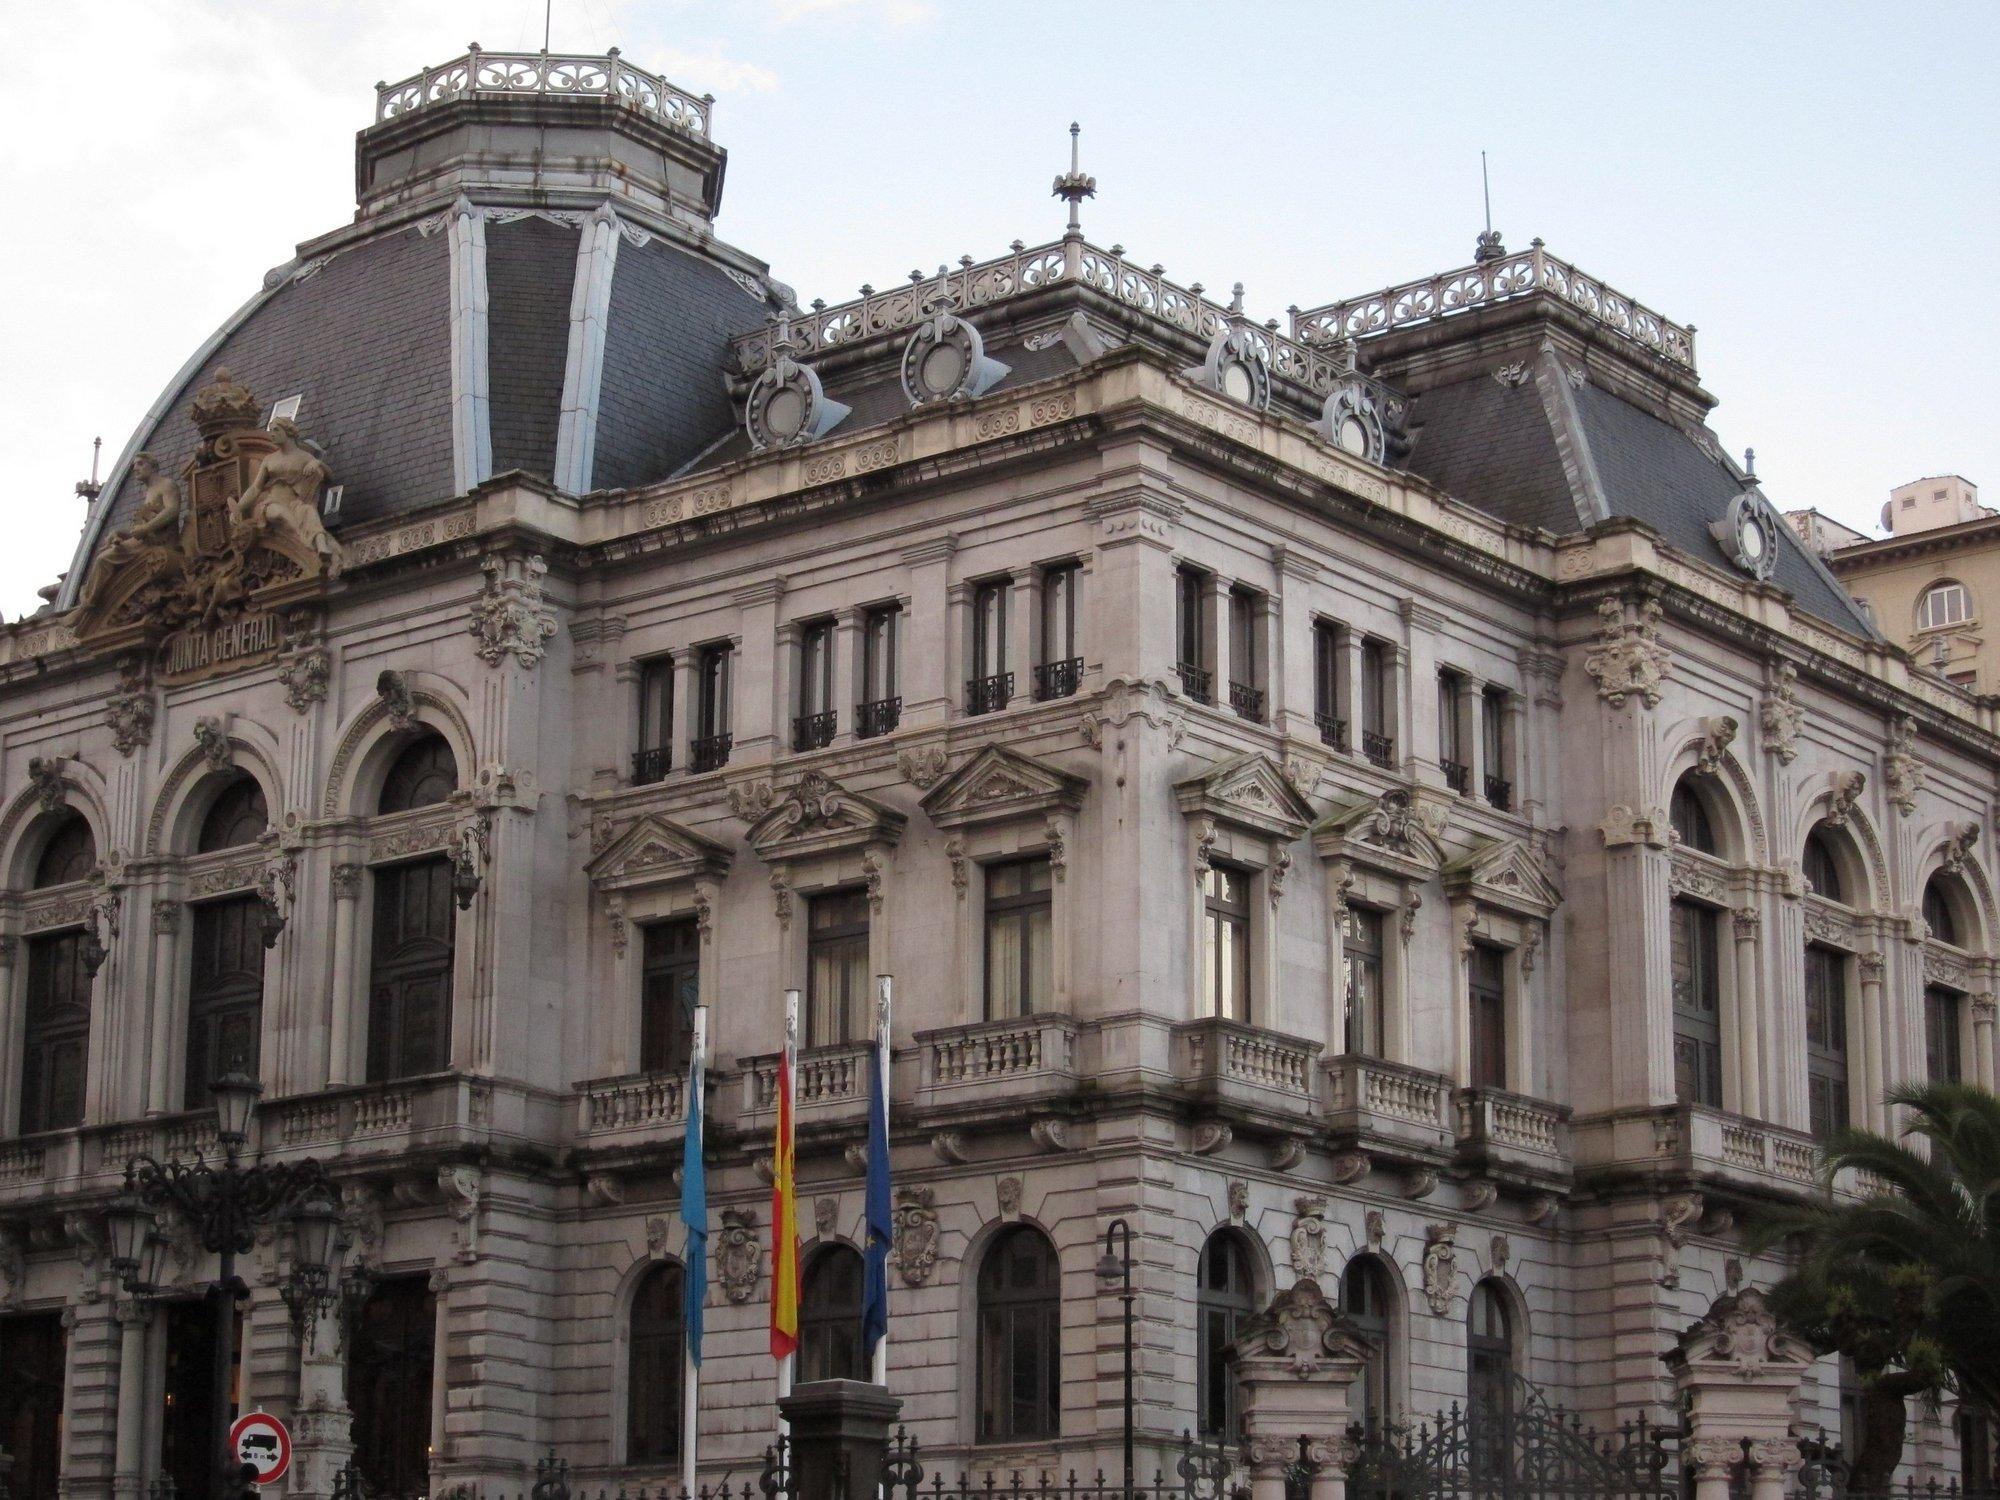 La Junta General rinde homenaje a los asturianos que firmaron »La Pepa»